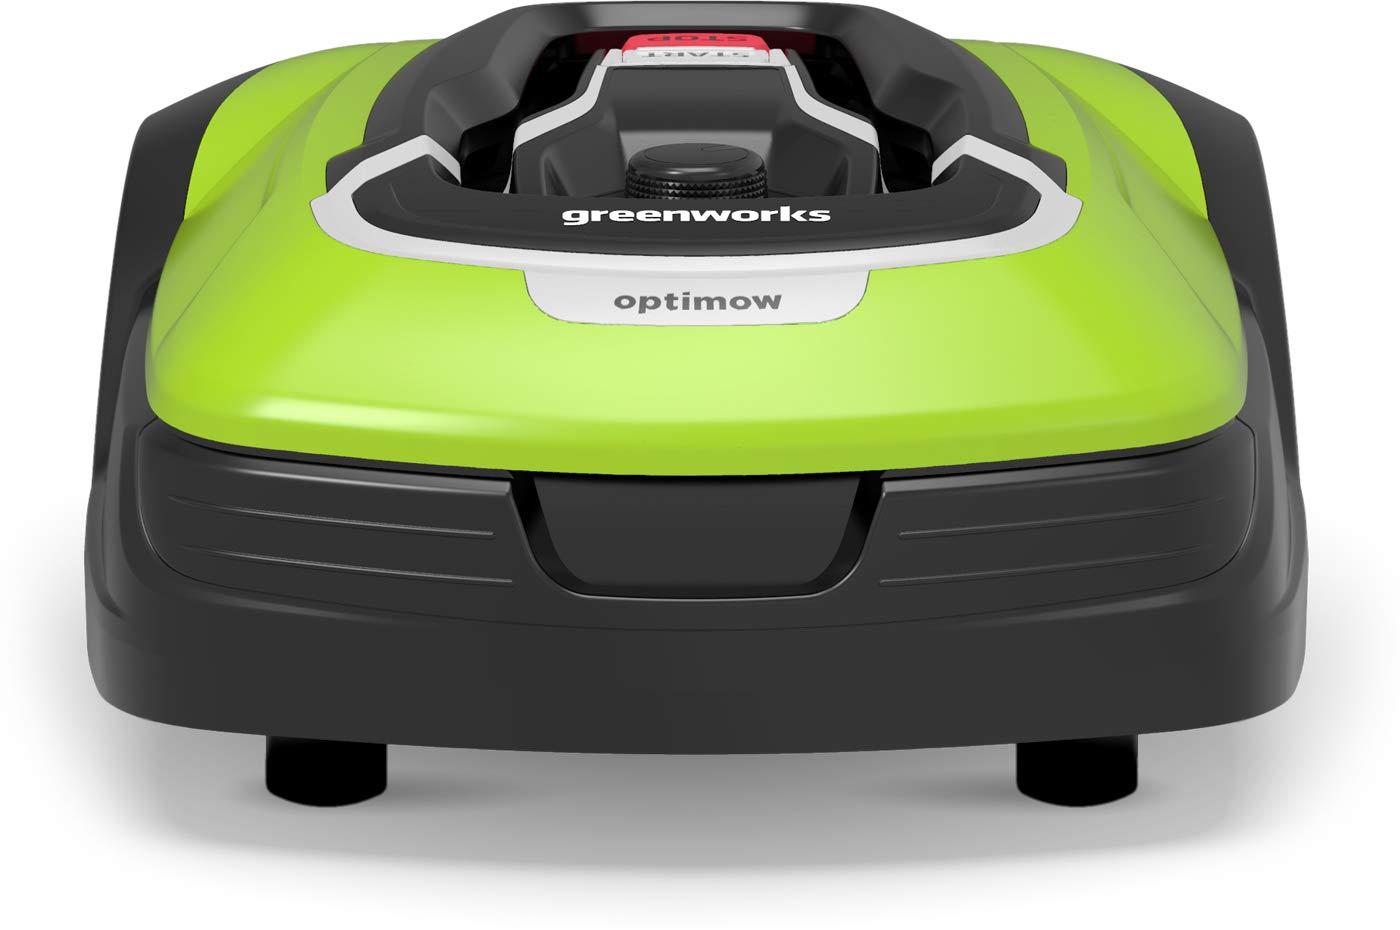 Greenworks Mähroboter Optimow 10 mit App (2505507) für 1000 qm Fläche